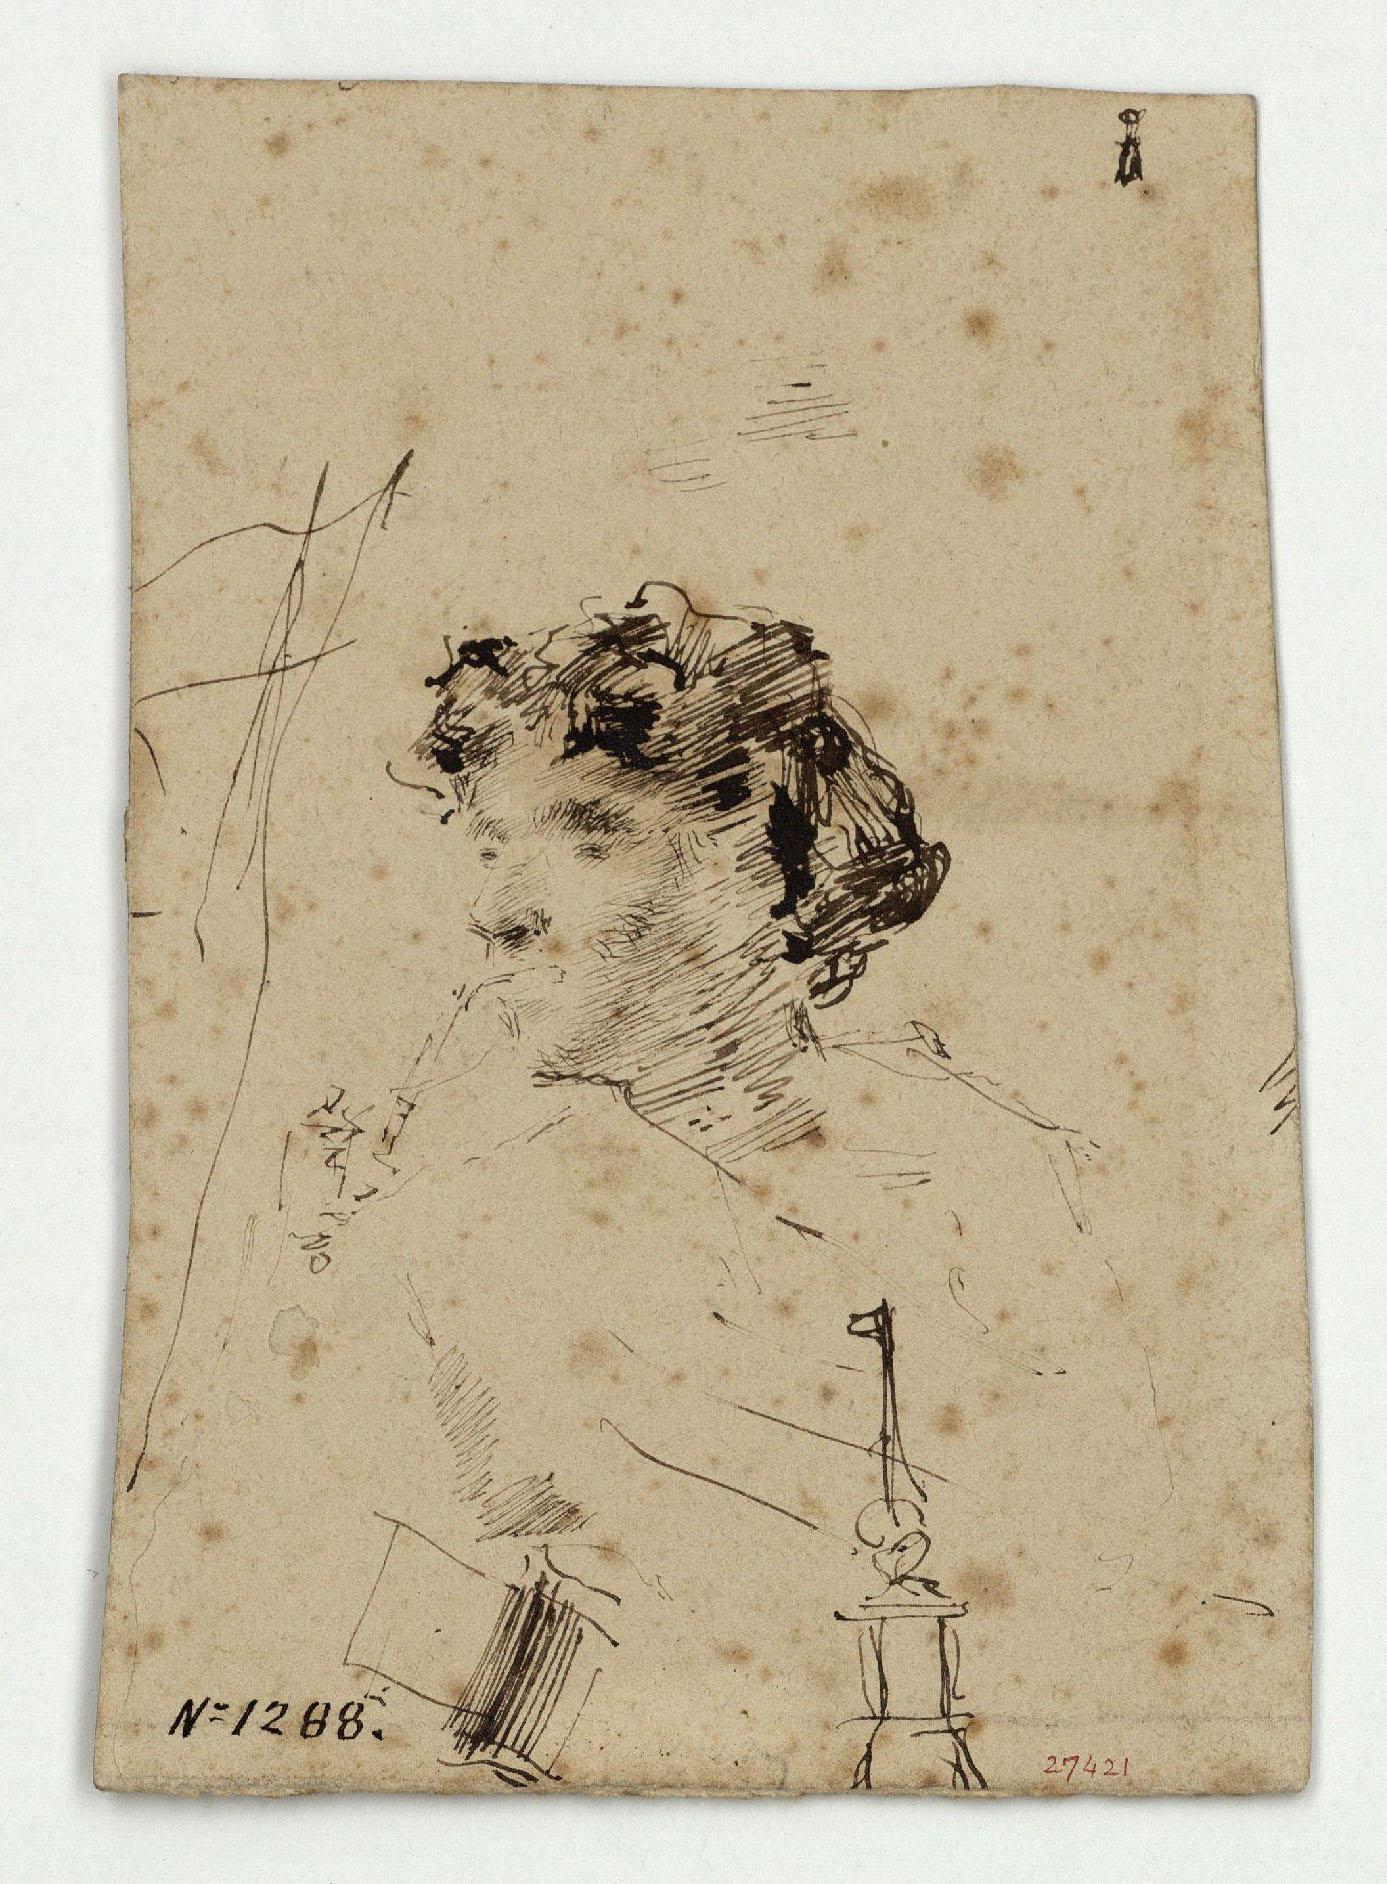 Marià Fortuny - Fumador - Cap a 1856-1858